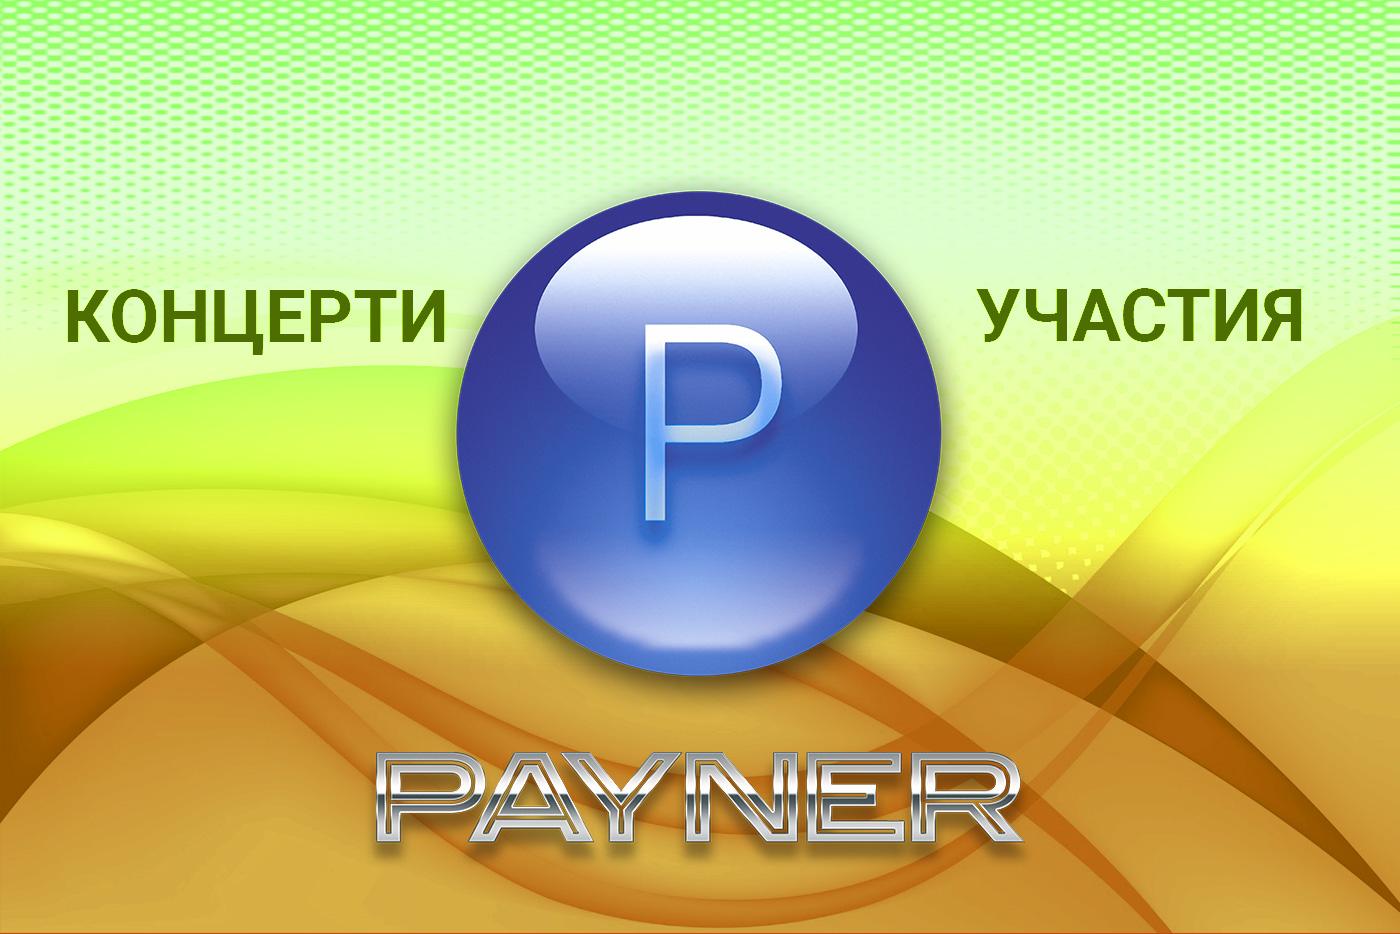 """Участия на звездите на """"Пайнер"""" на 11.11.2018"""